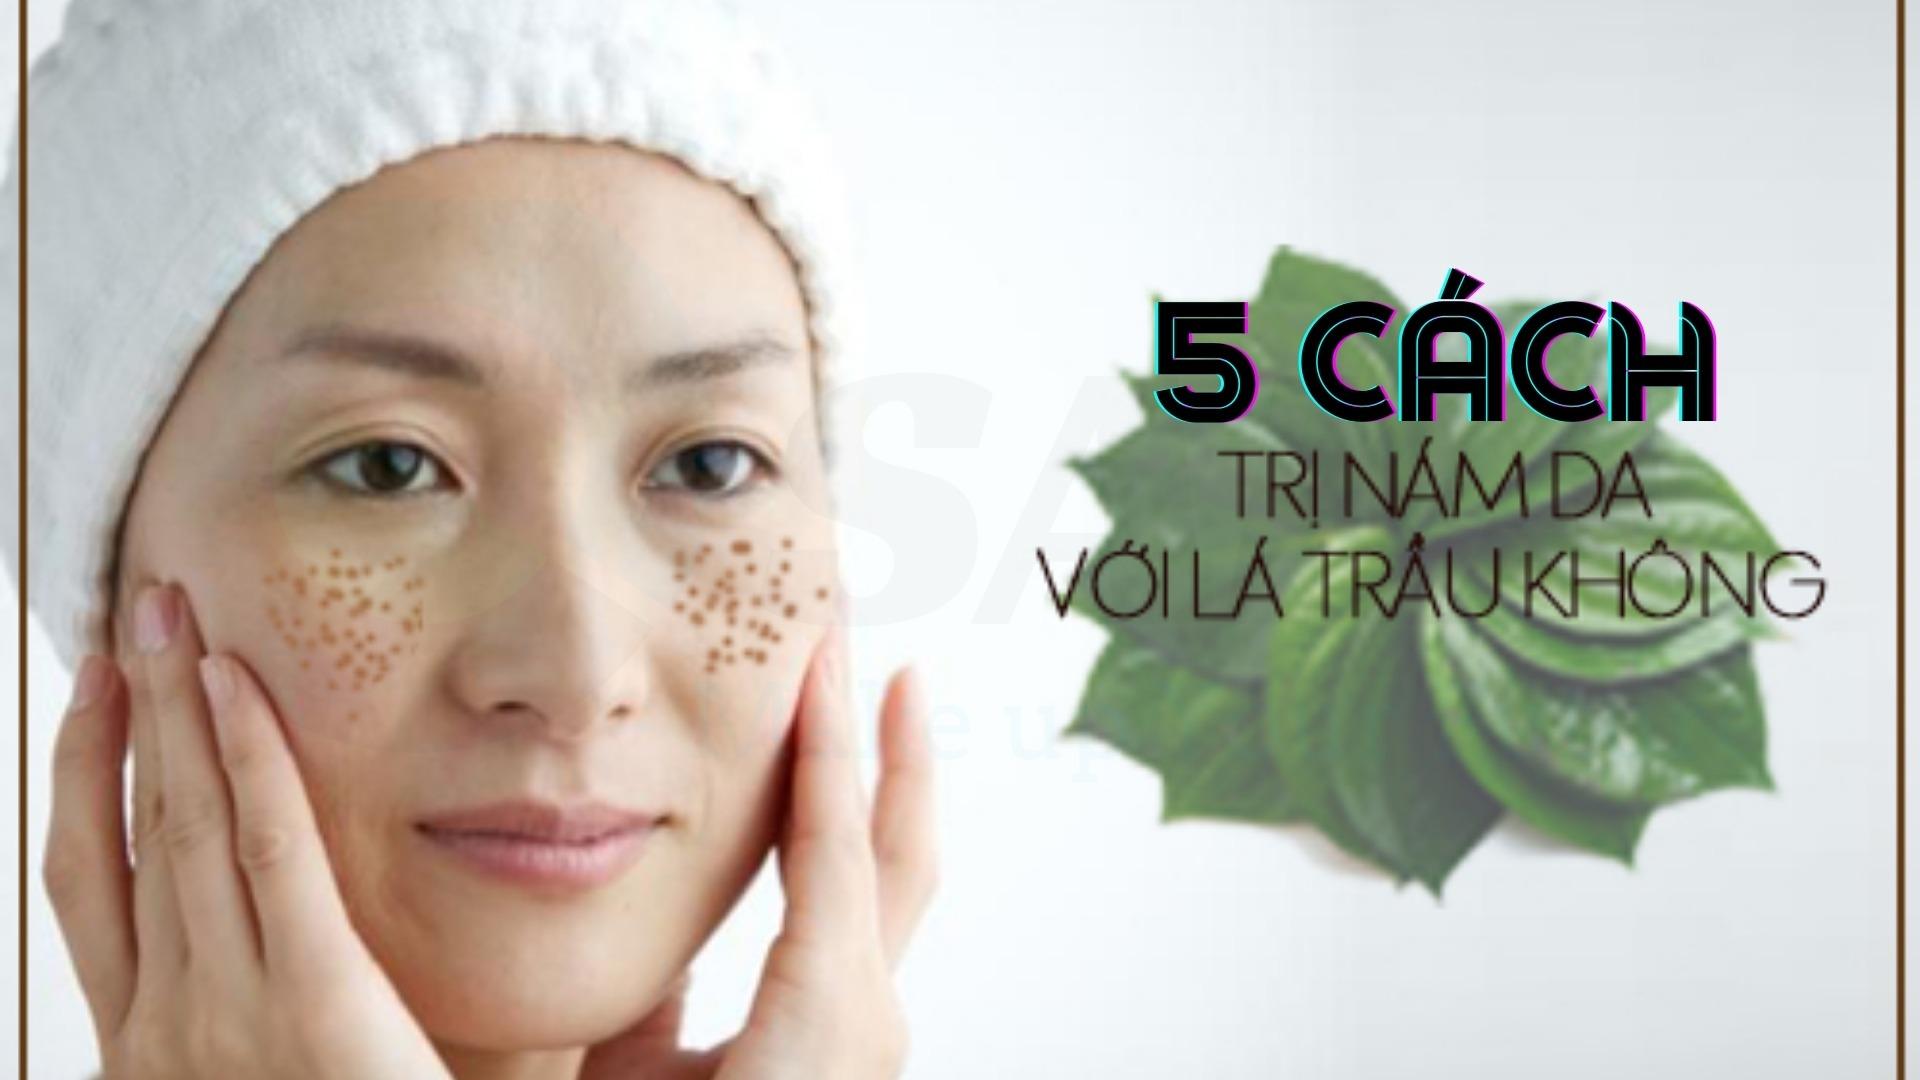 5 cách trị nám da với lá trầu không